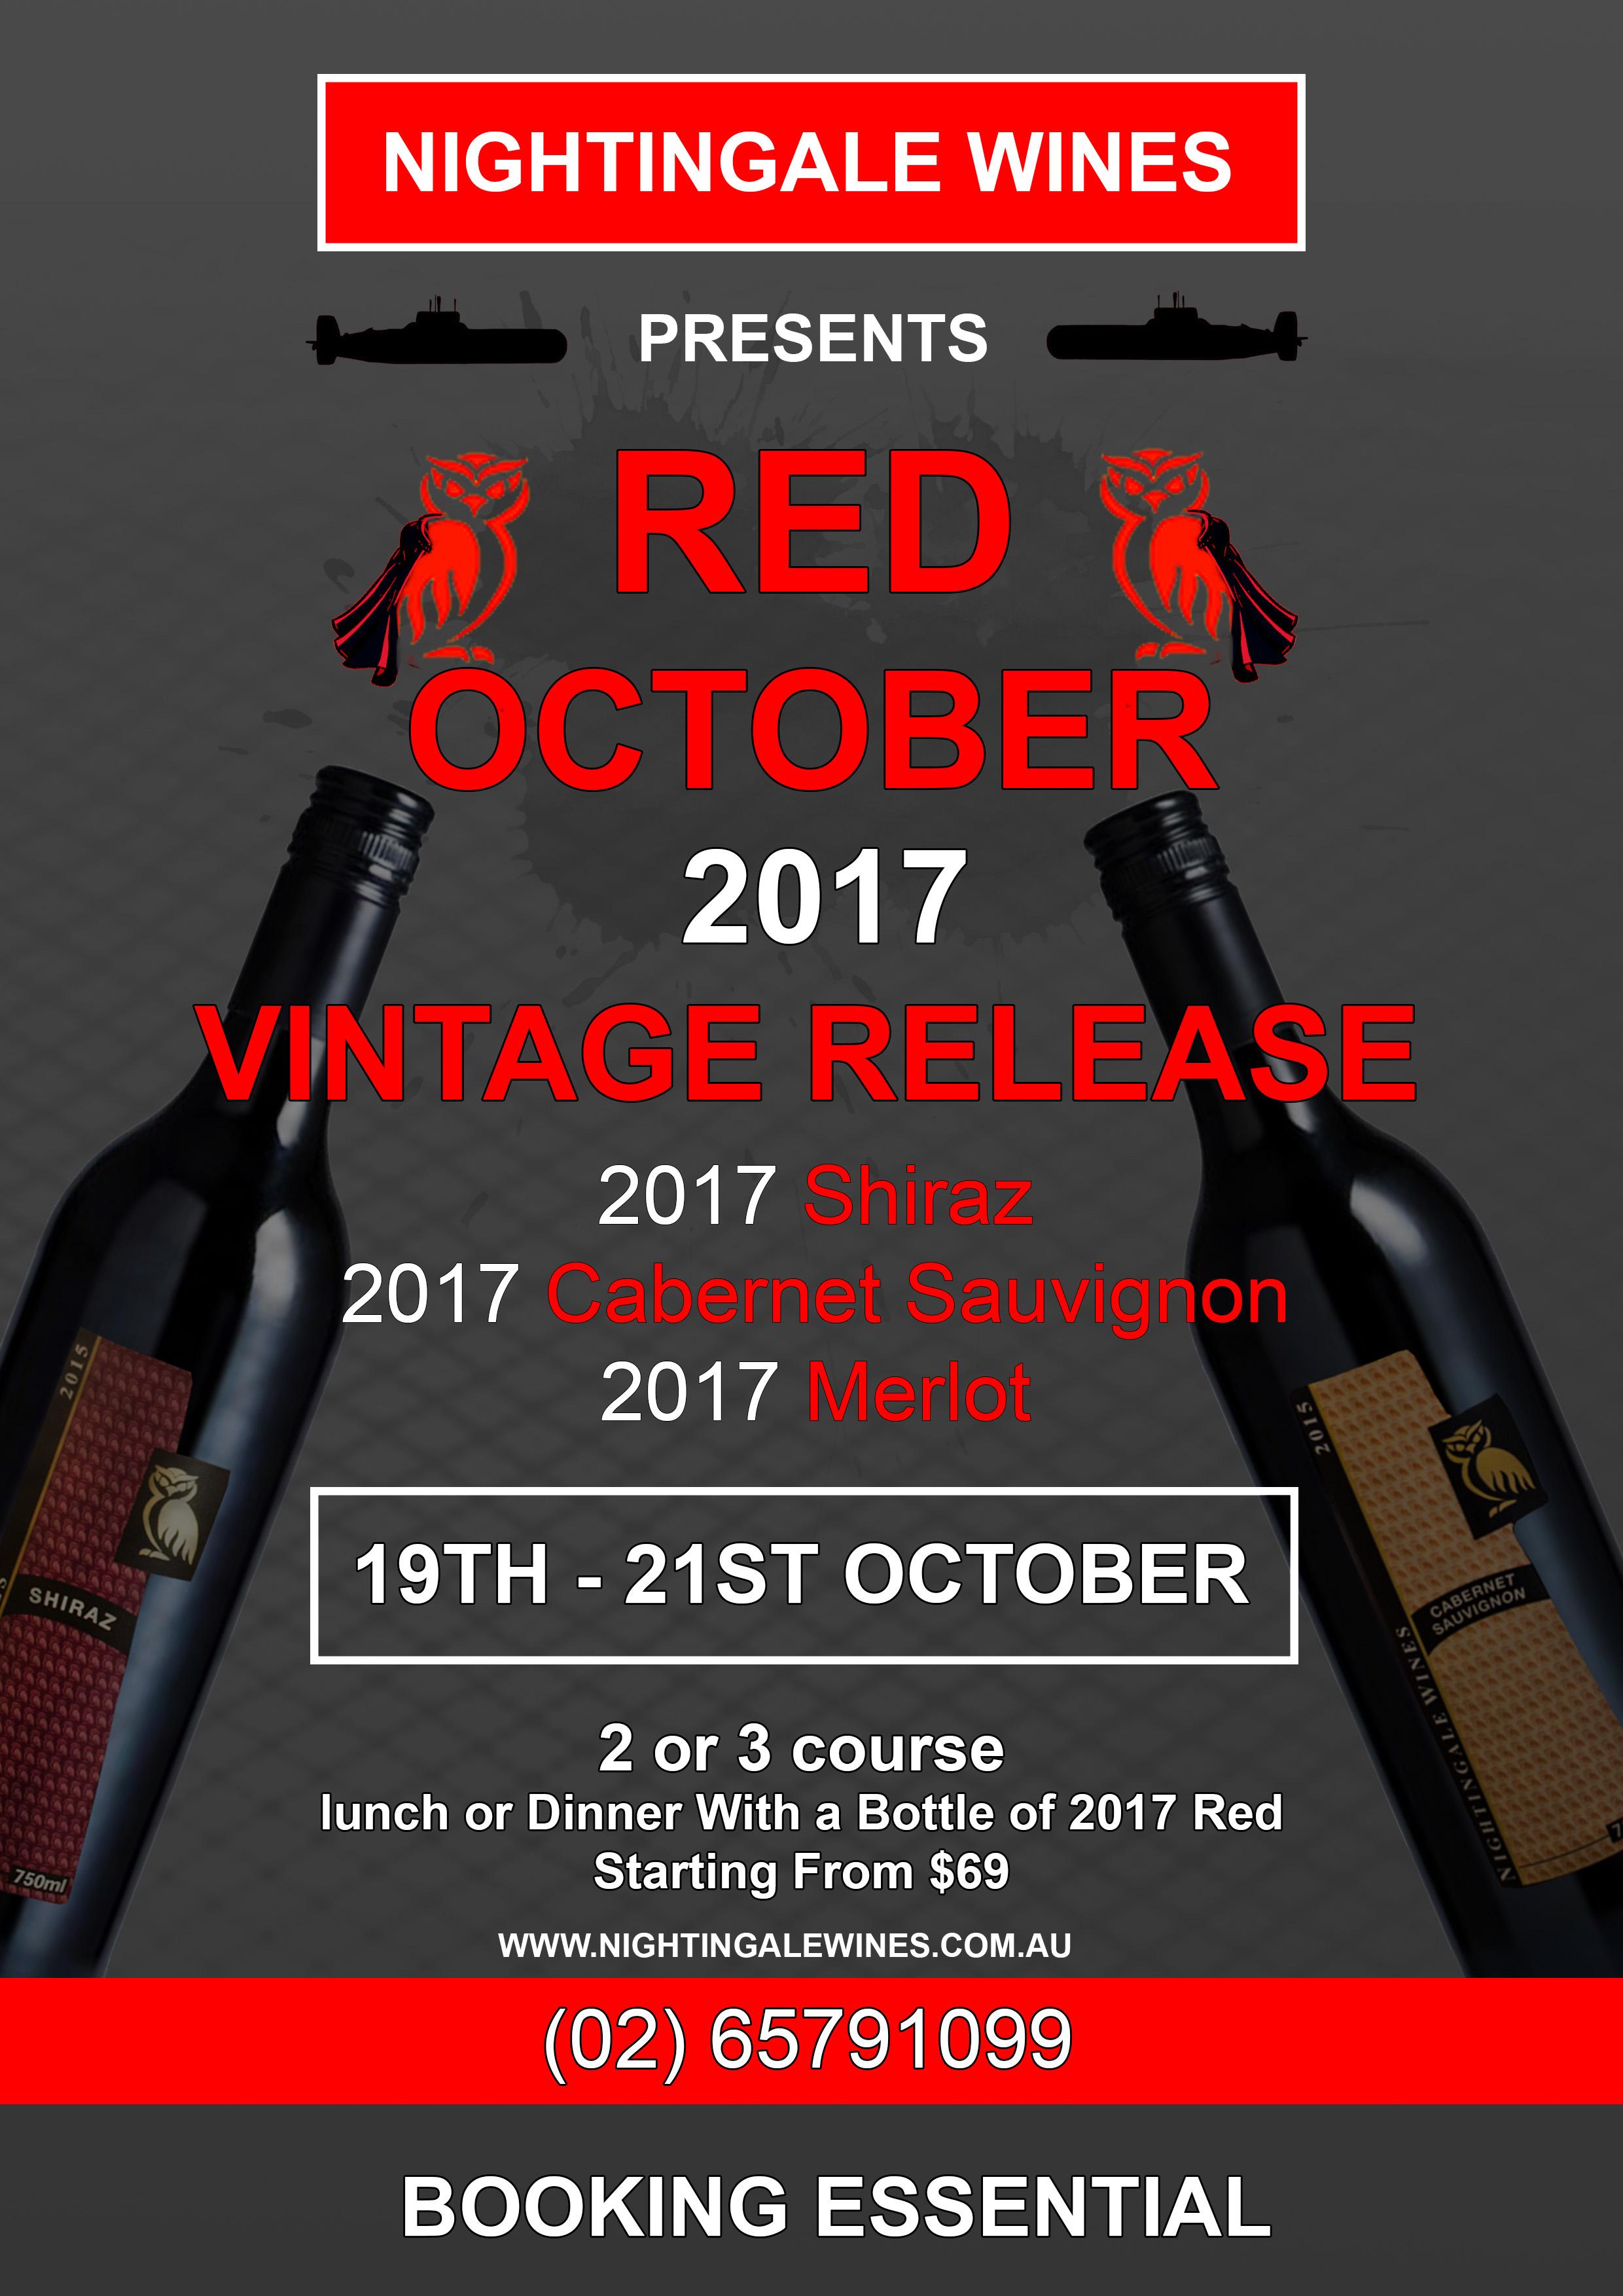 Red October 2017 Vintage Release